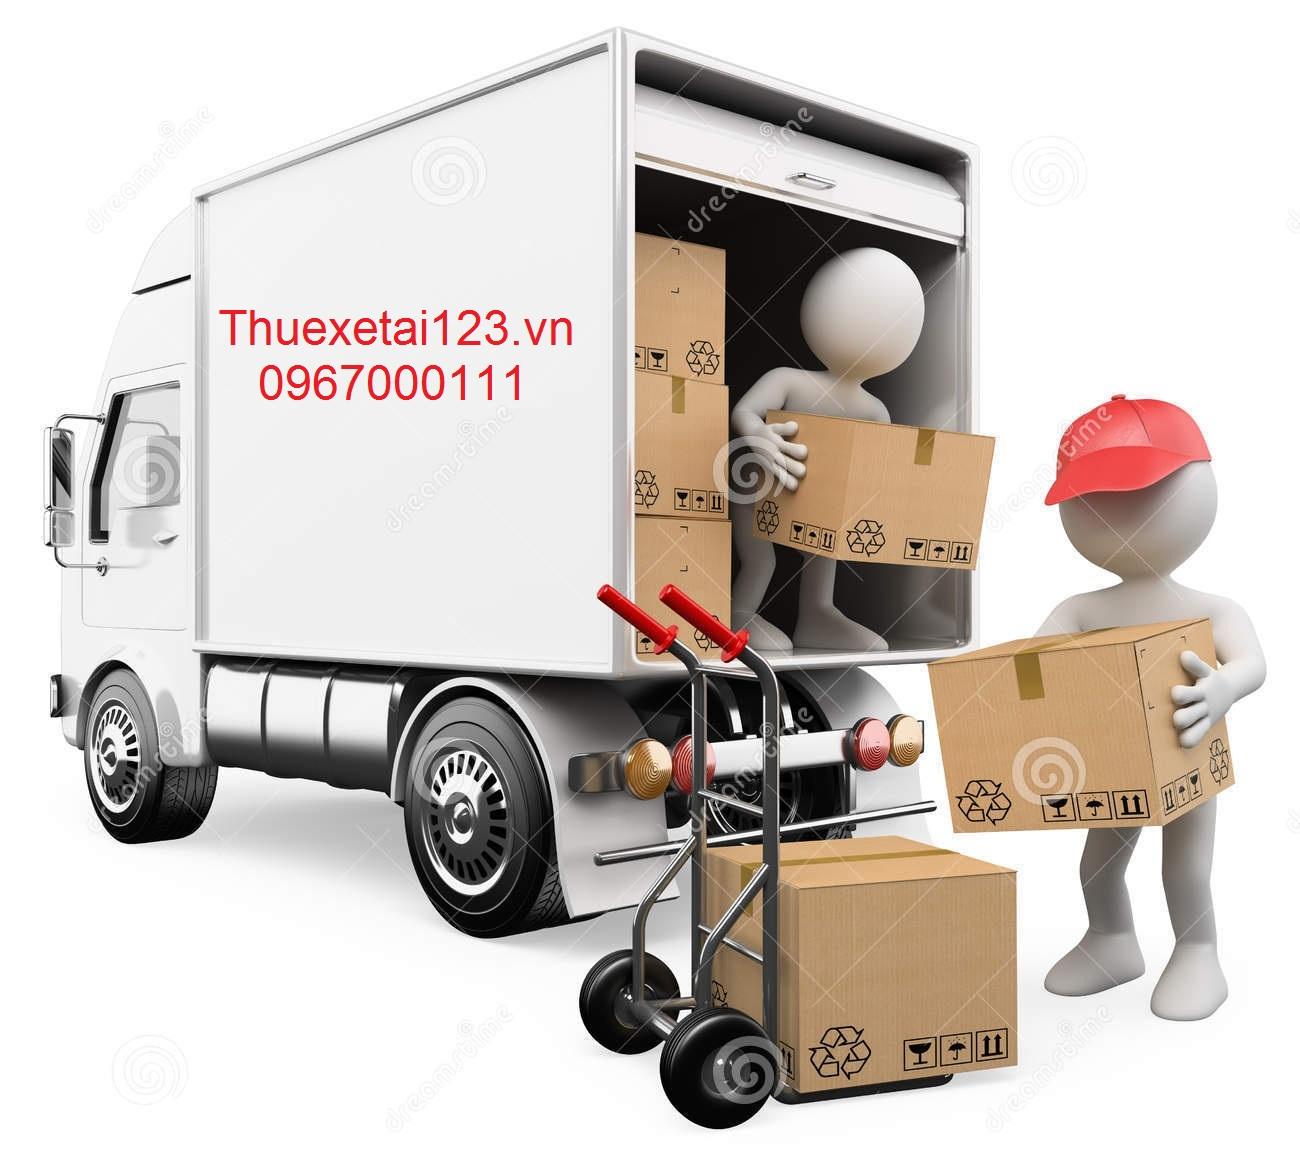 Dịch vụ chuyển nhà giá rẻ tại Hà Nội